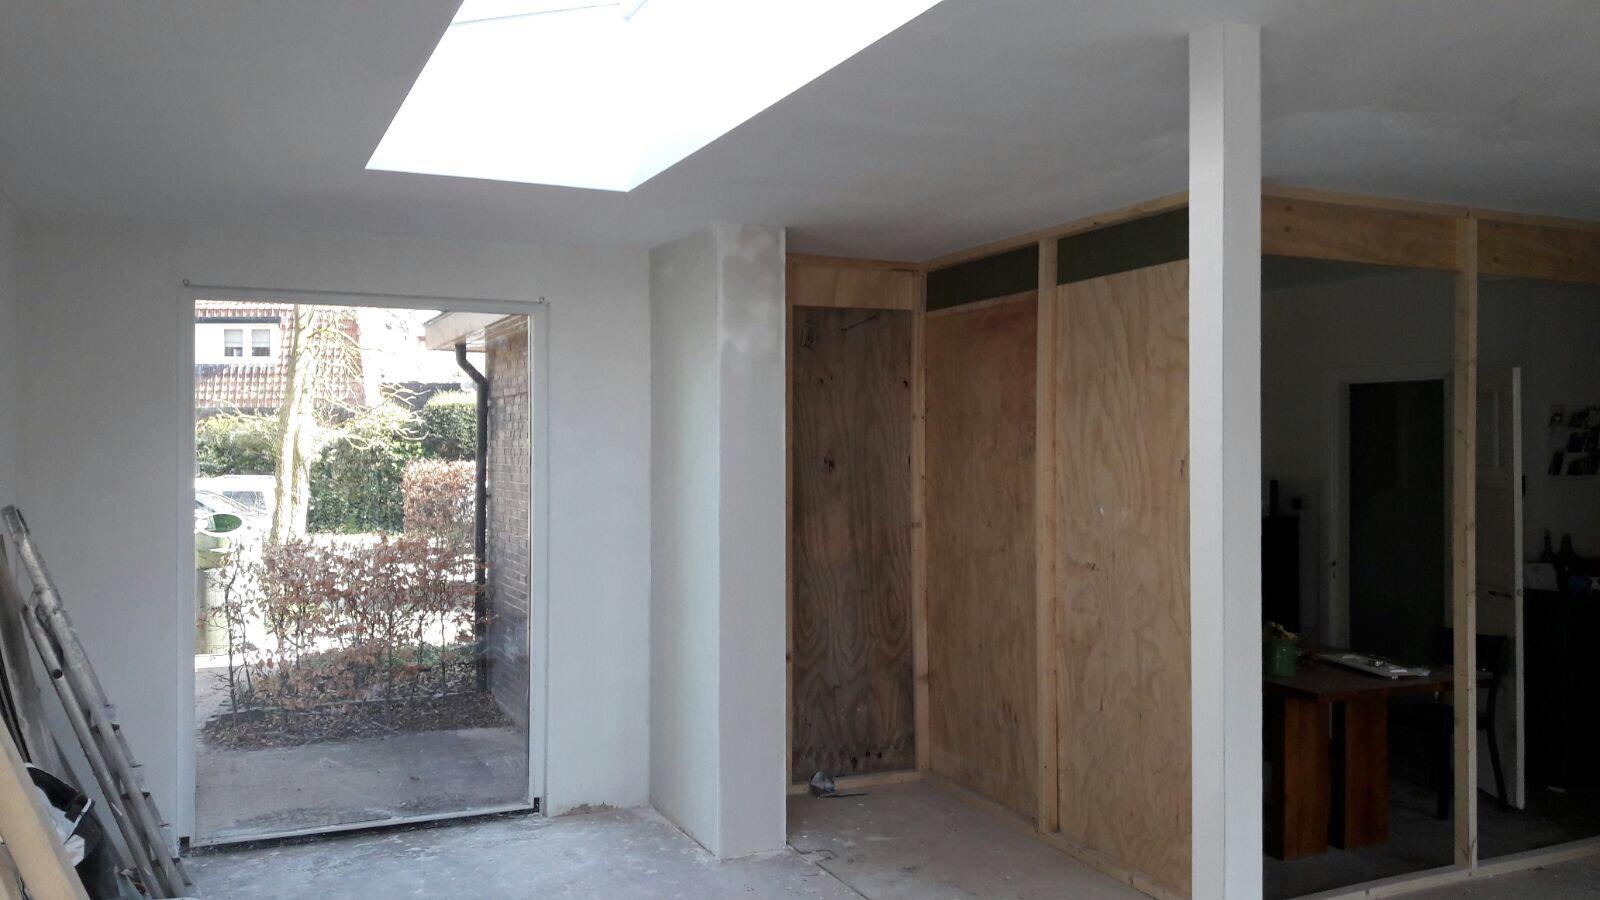 Gestuct Plafond Badkamer : Uitbouw en badkamer groenekan stucadoorsbedrijf serno b v